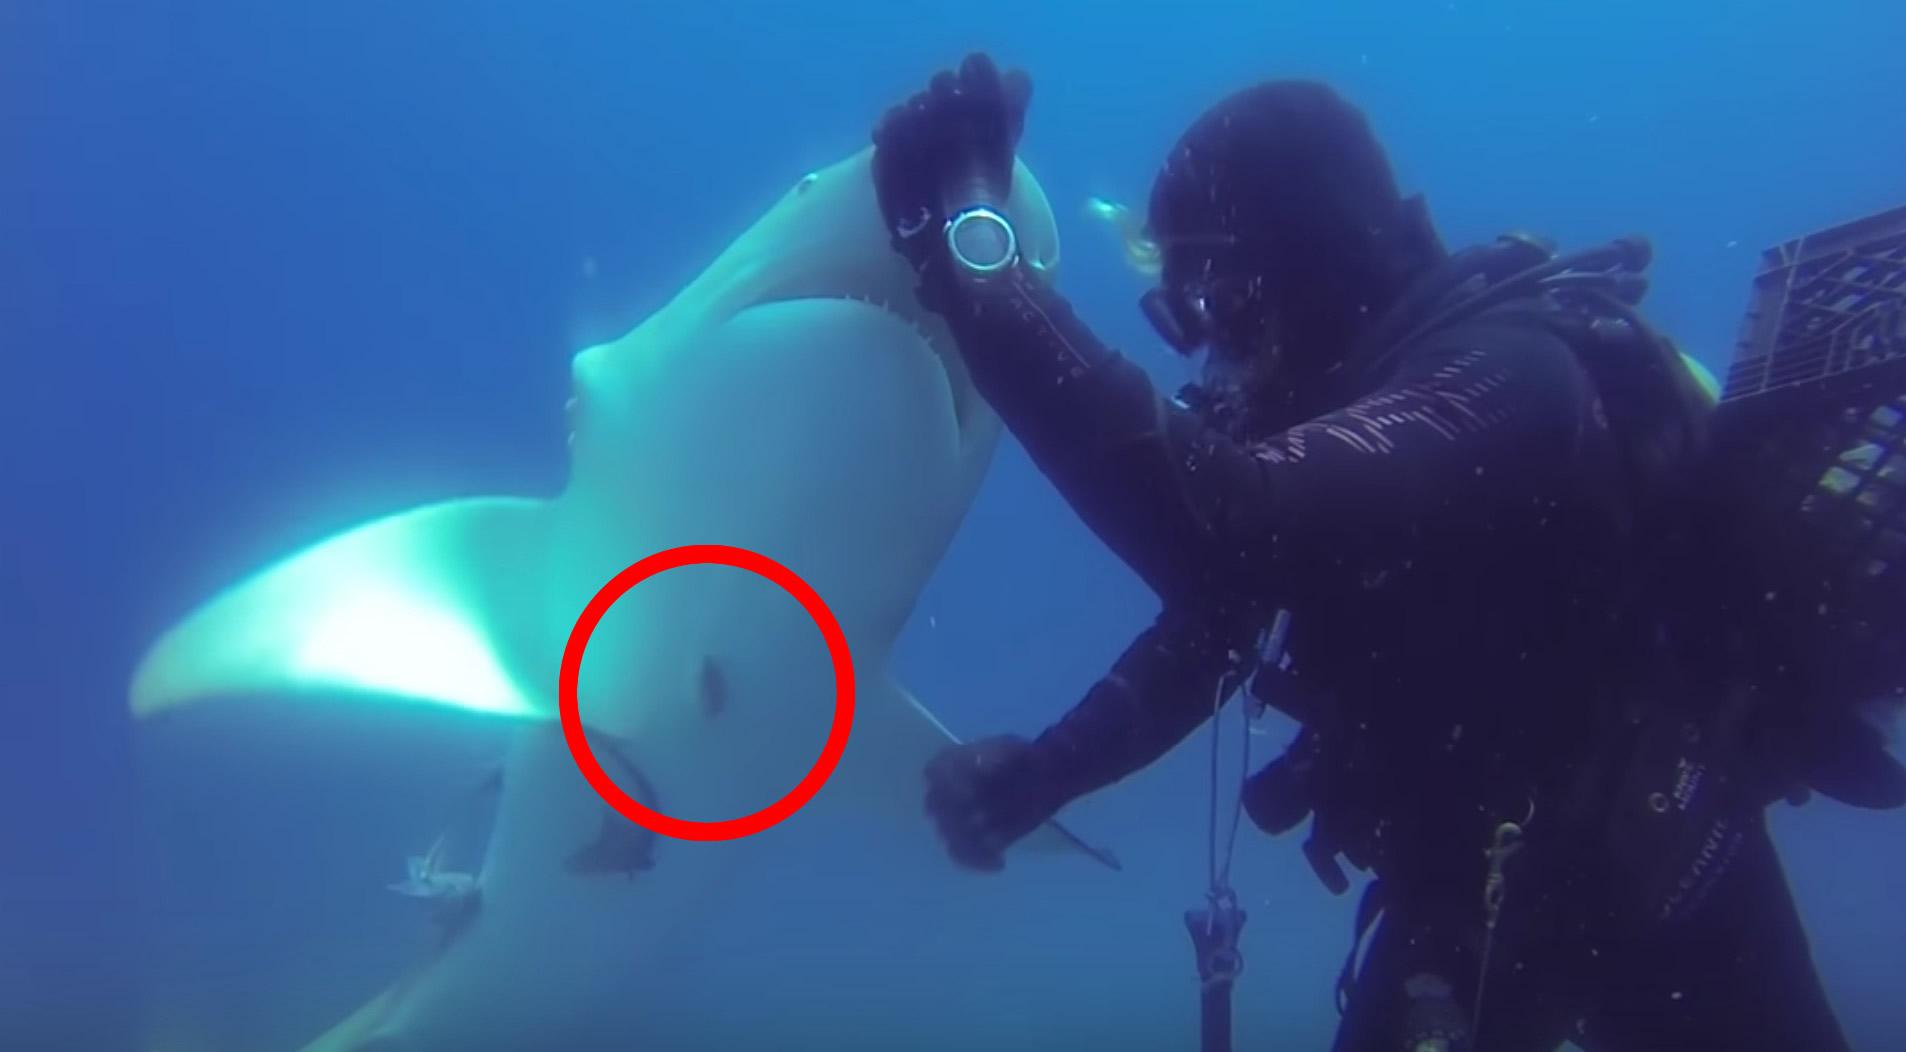 大きな釣り針が刺さったサメ。助けると、感謝の気持ちを伝えて懐いてきた